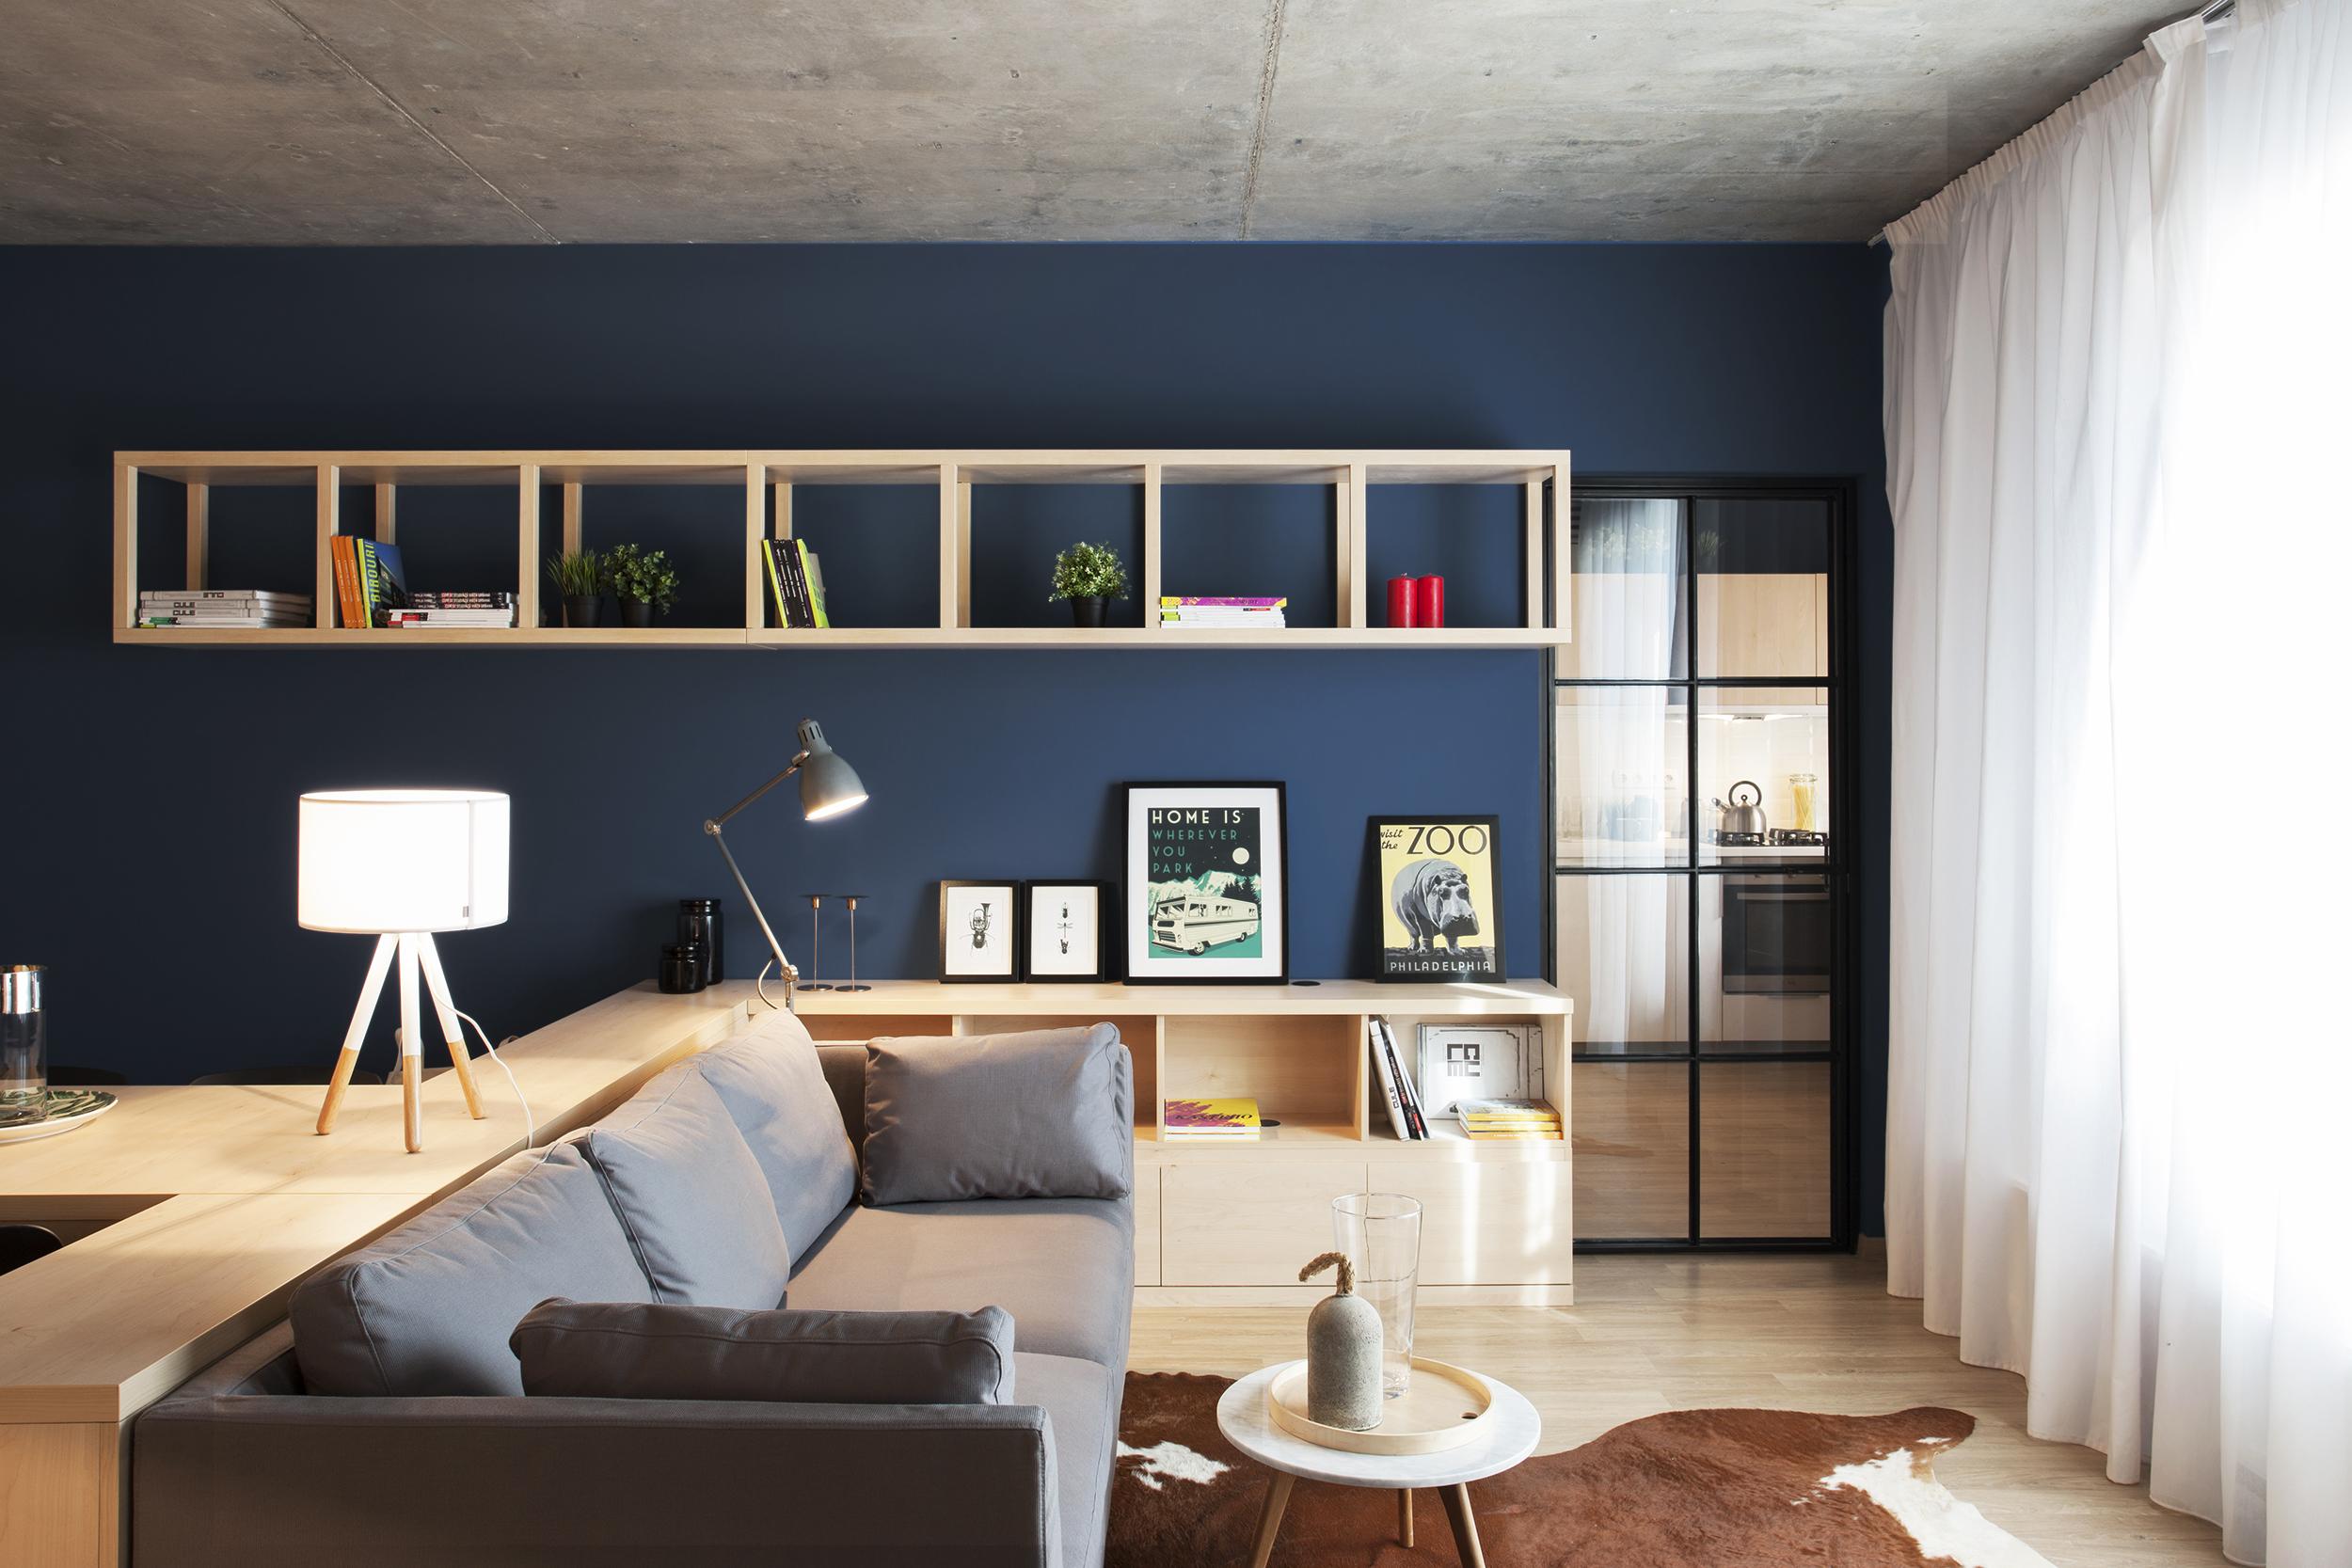 Giải pháp thông minh cho căn hộ có diện tích nhỏ - Ảnh 5.